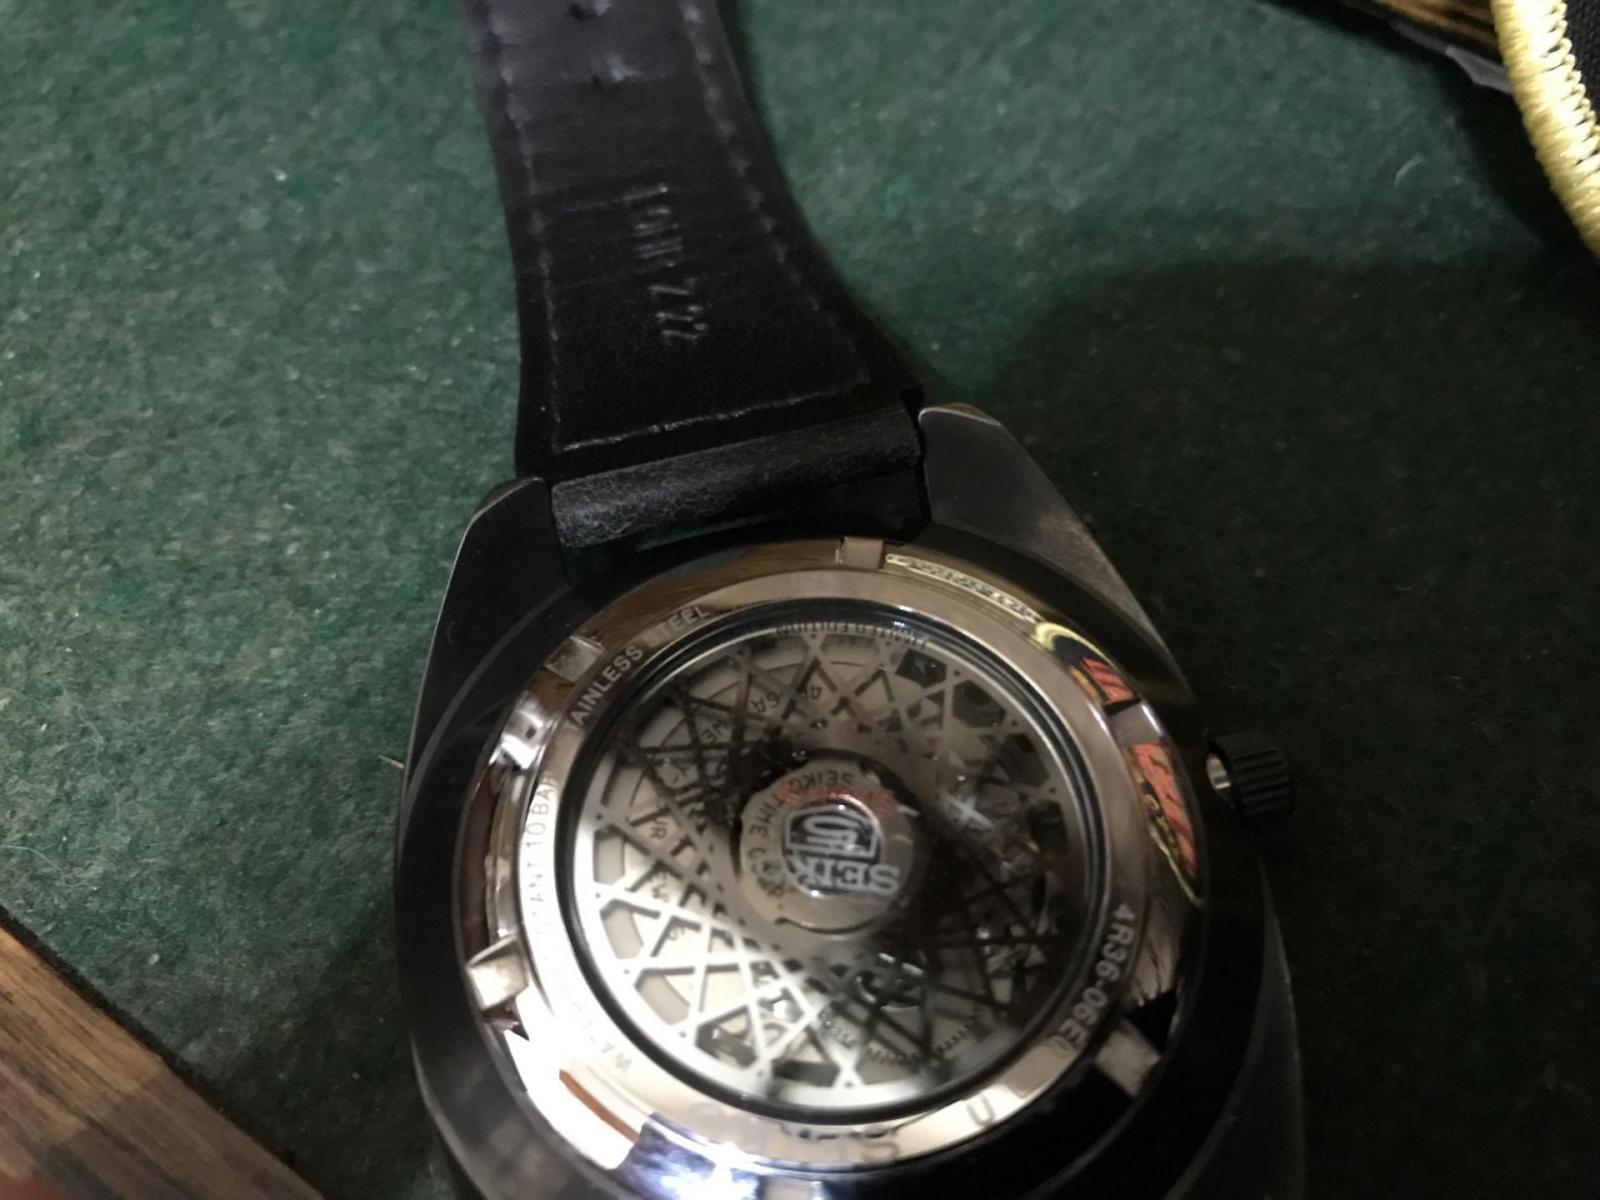 My new Seiko-86497096-de87-4378-a178-e32366590a8b_1544653015949.jpg